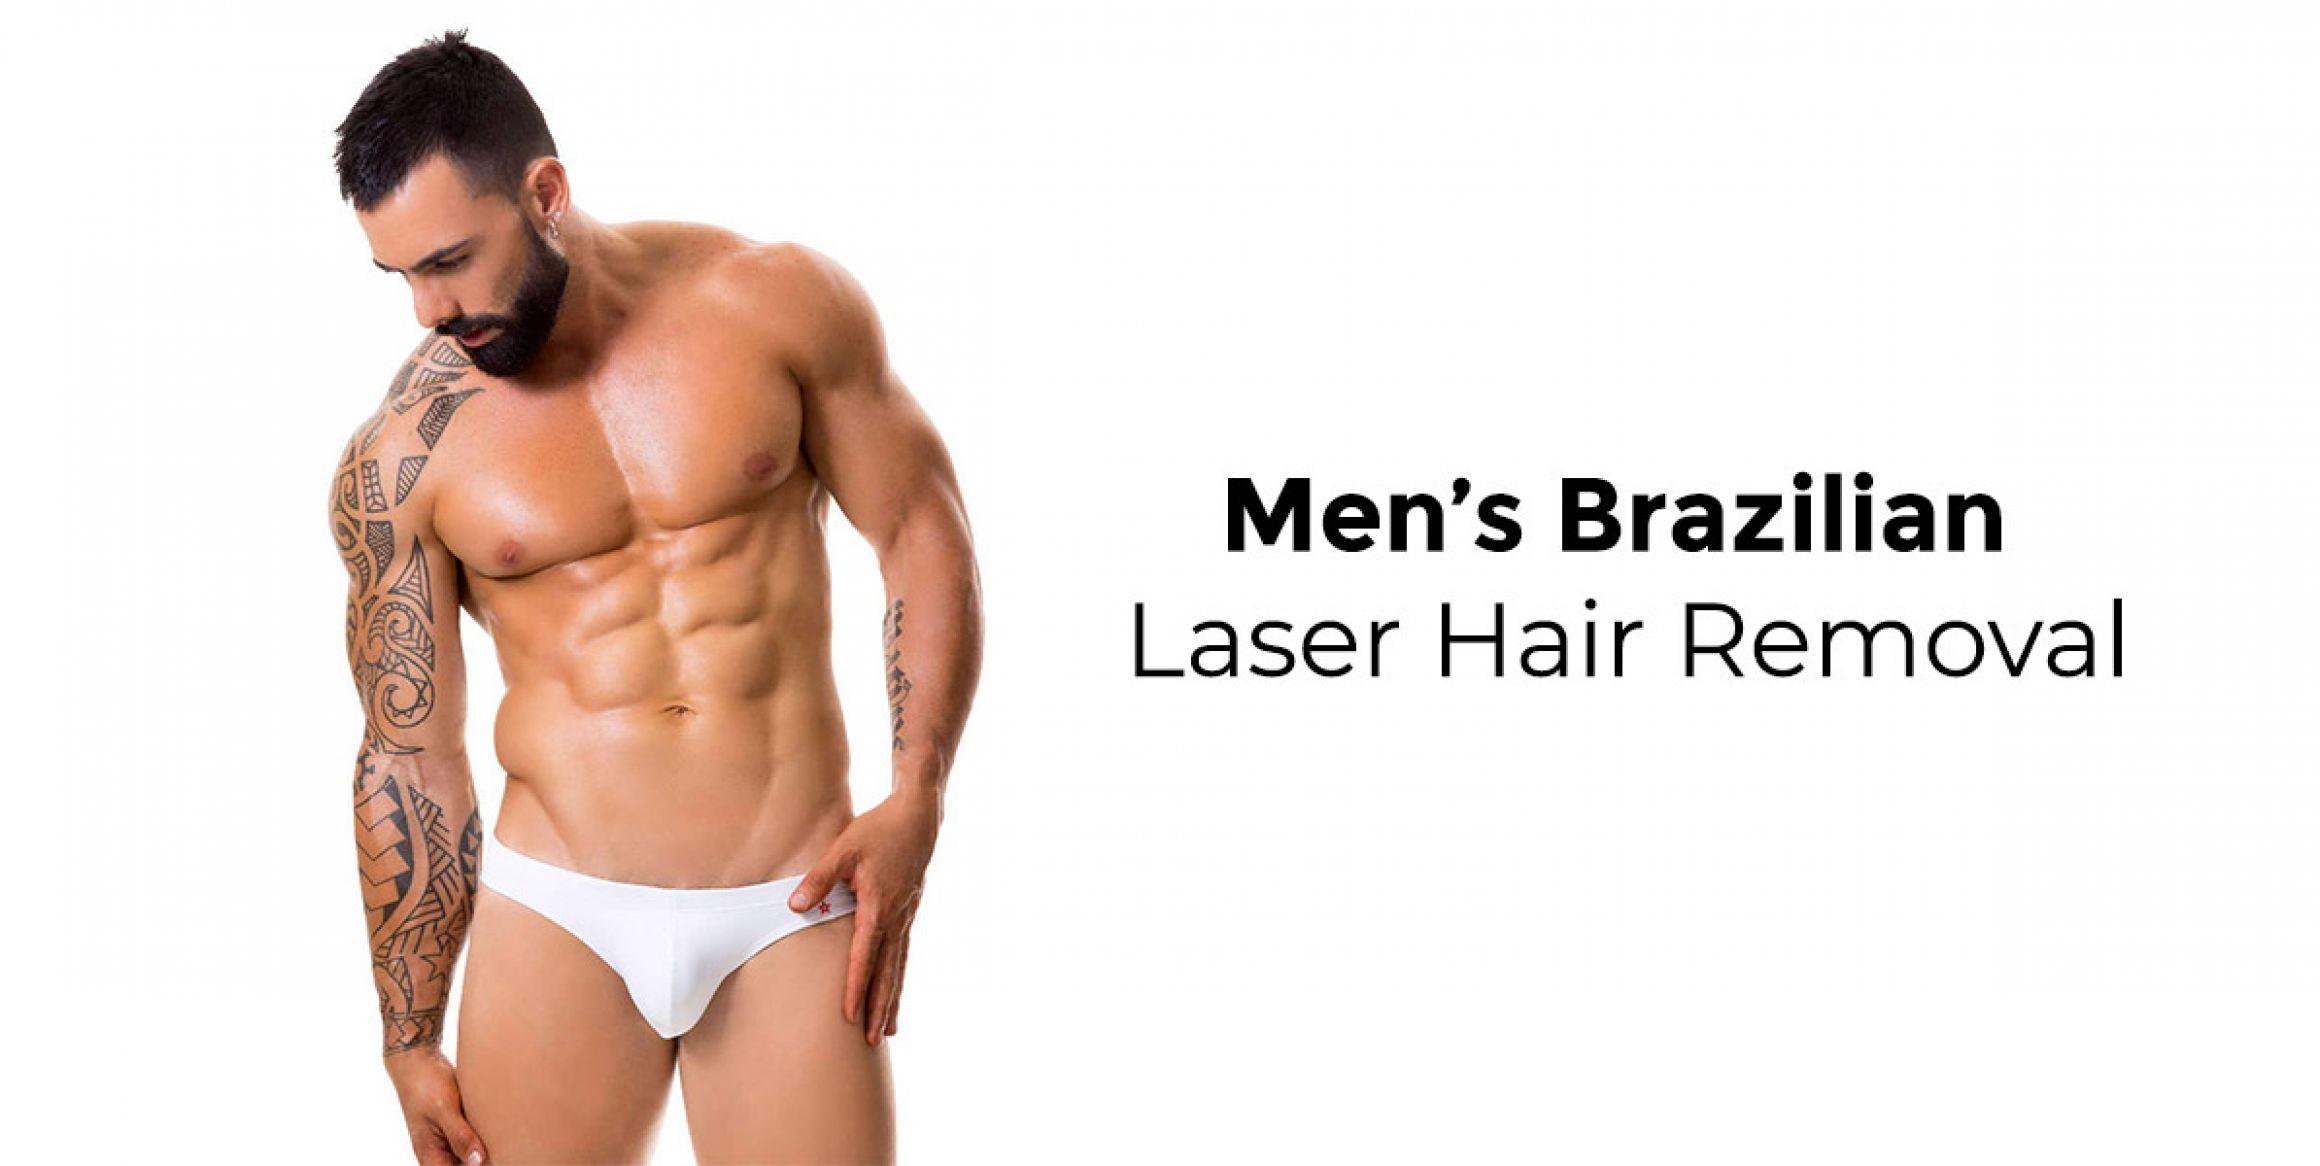 Brazilian Laser Hair Removal for Men